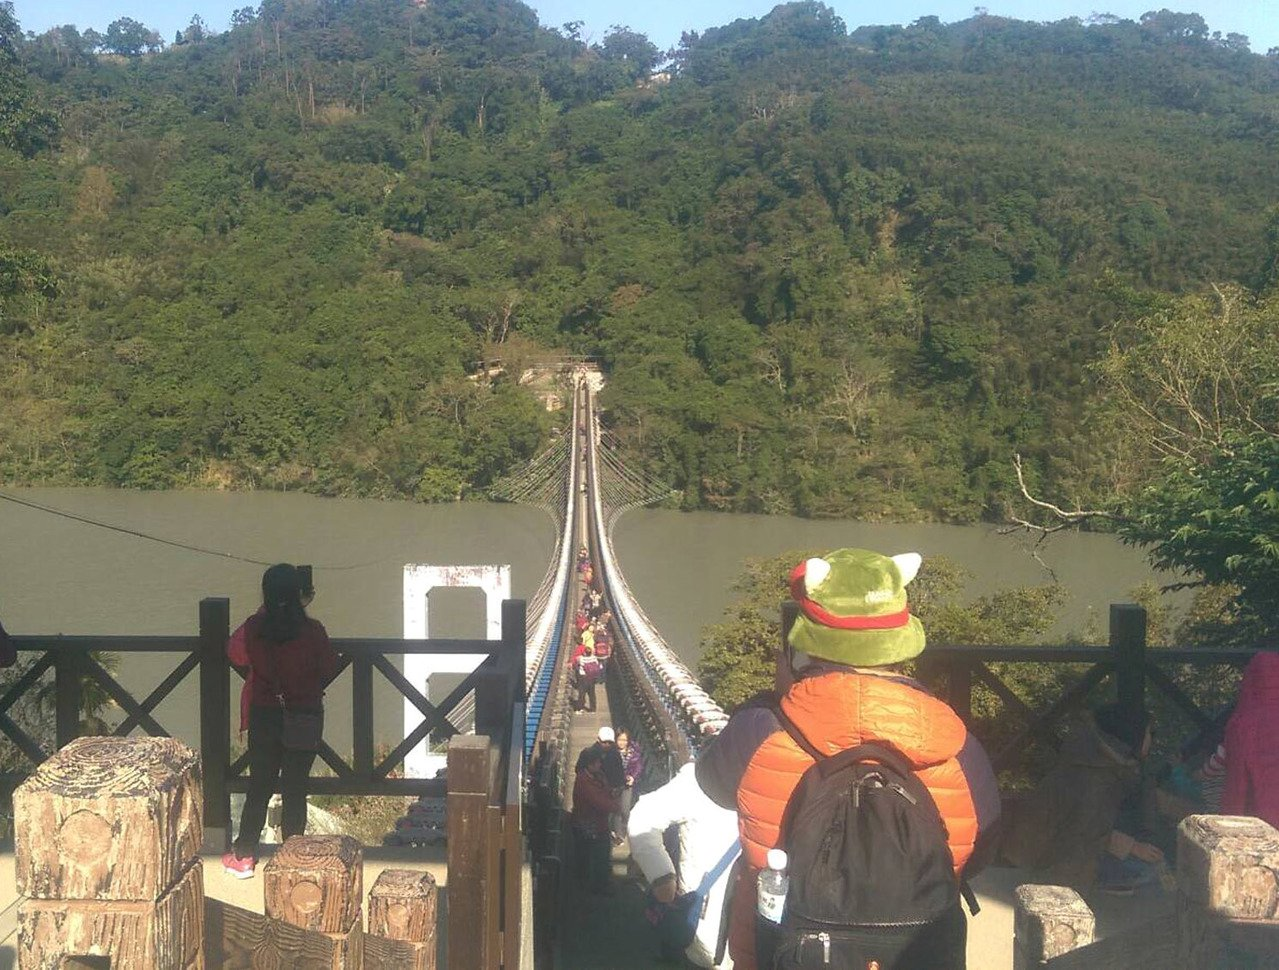 桃園市復興區溪口新吊橋全台最長懸索橋啟用,新的景點第一個假日預約2800人嘗試,...